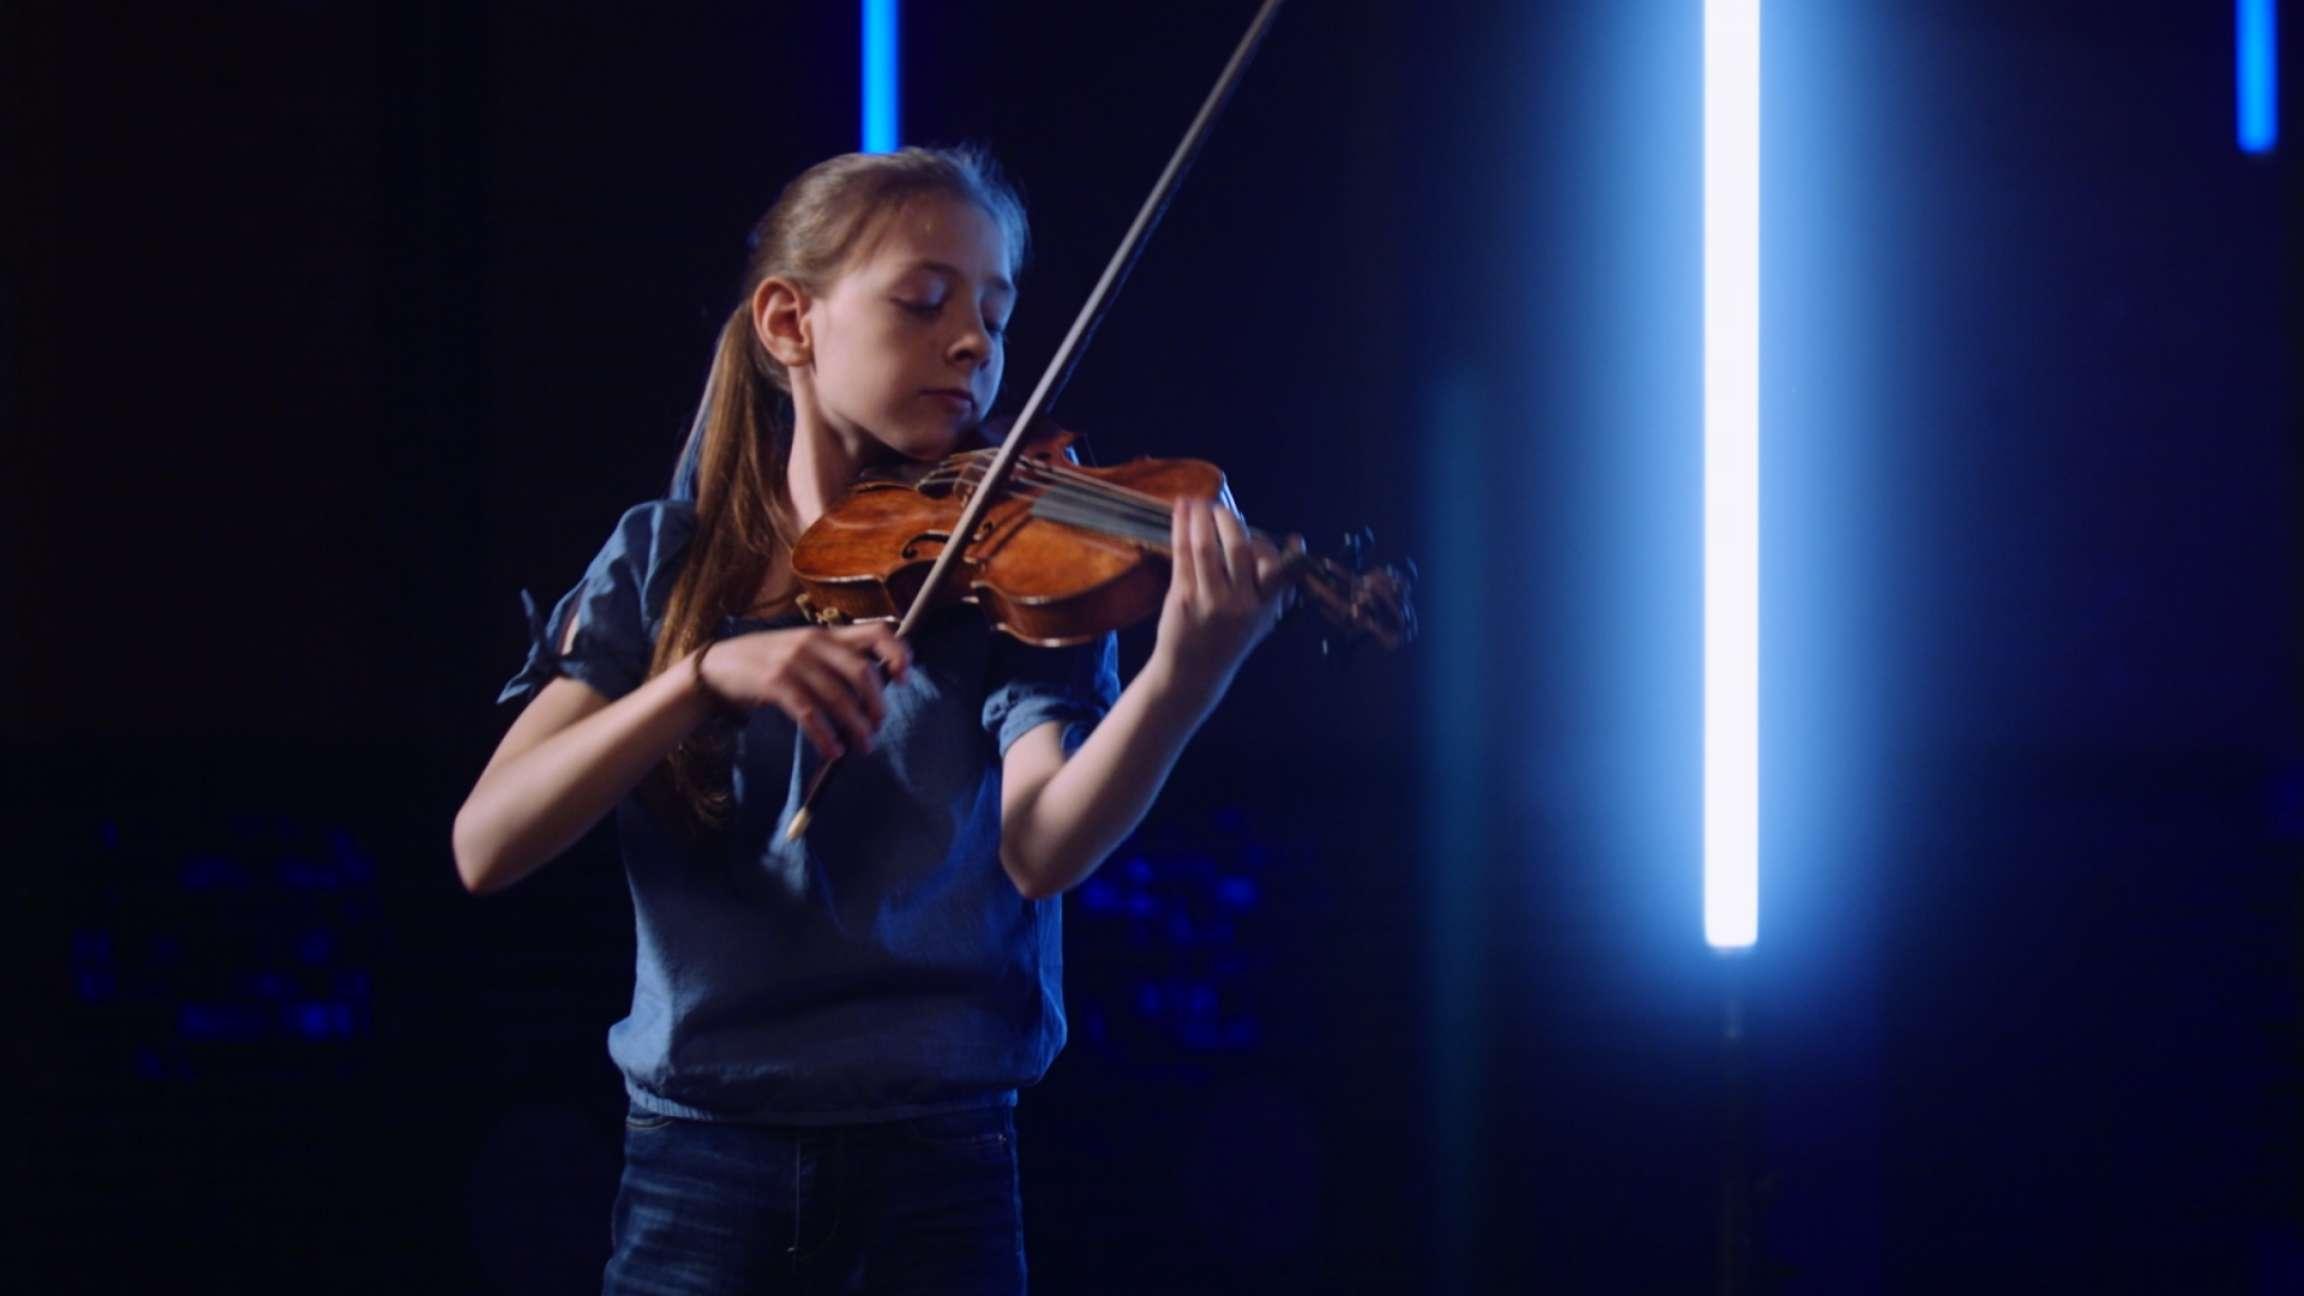 Allemande from Violin partita no. 2 in D minor